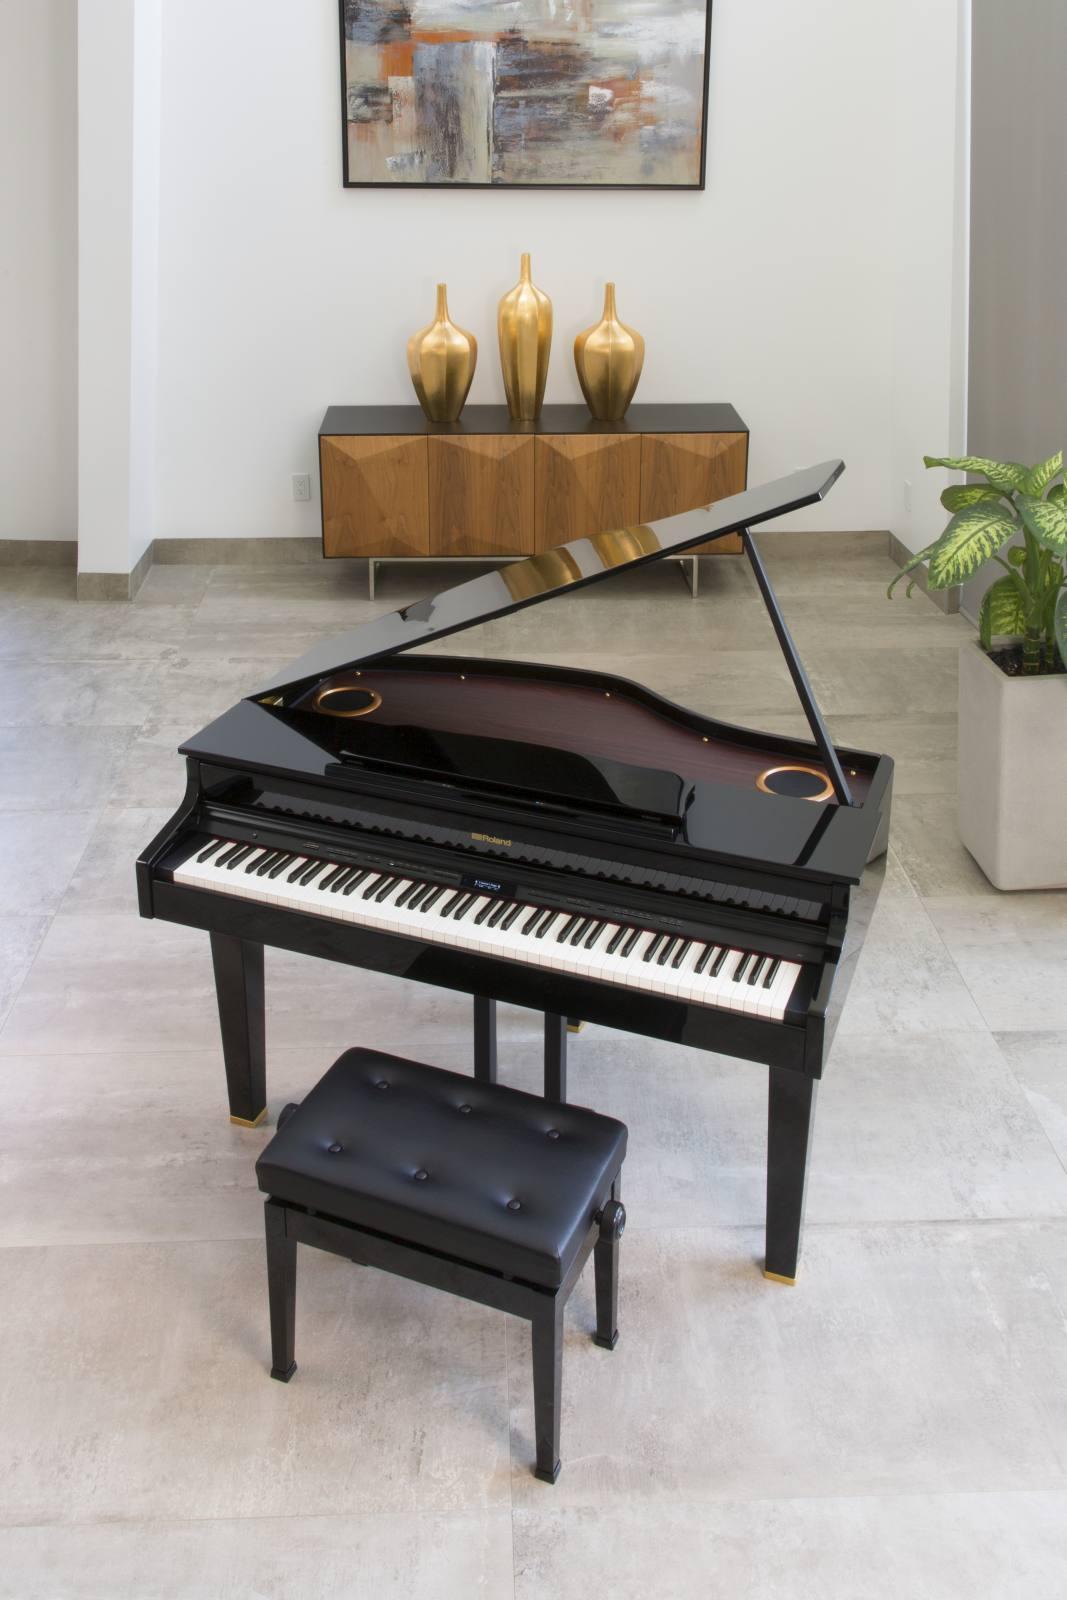 roland rg1 sb grand piano numerique rg1sb piano a queue. Black Bedroom Furniture Sets. Home Design Ideas